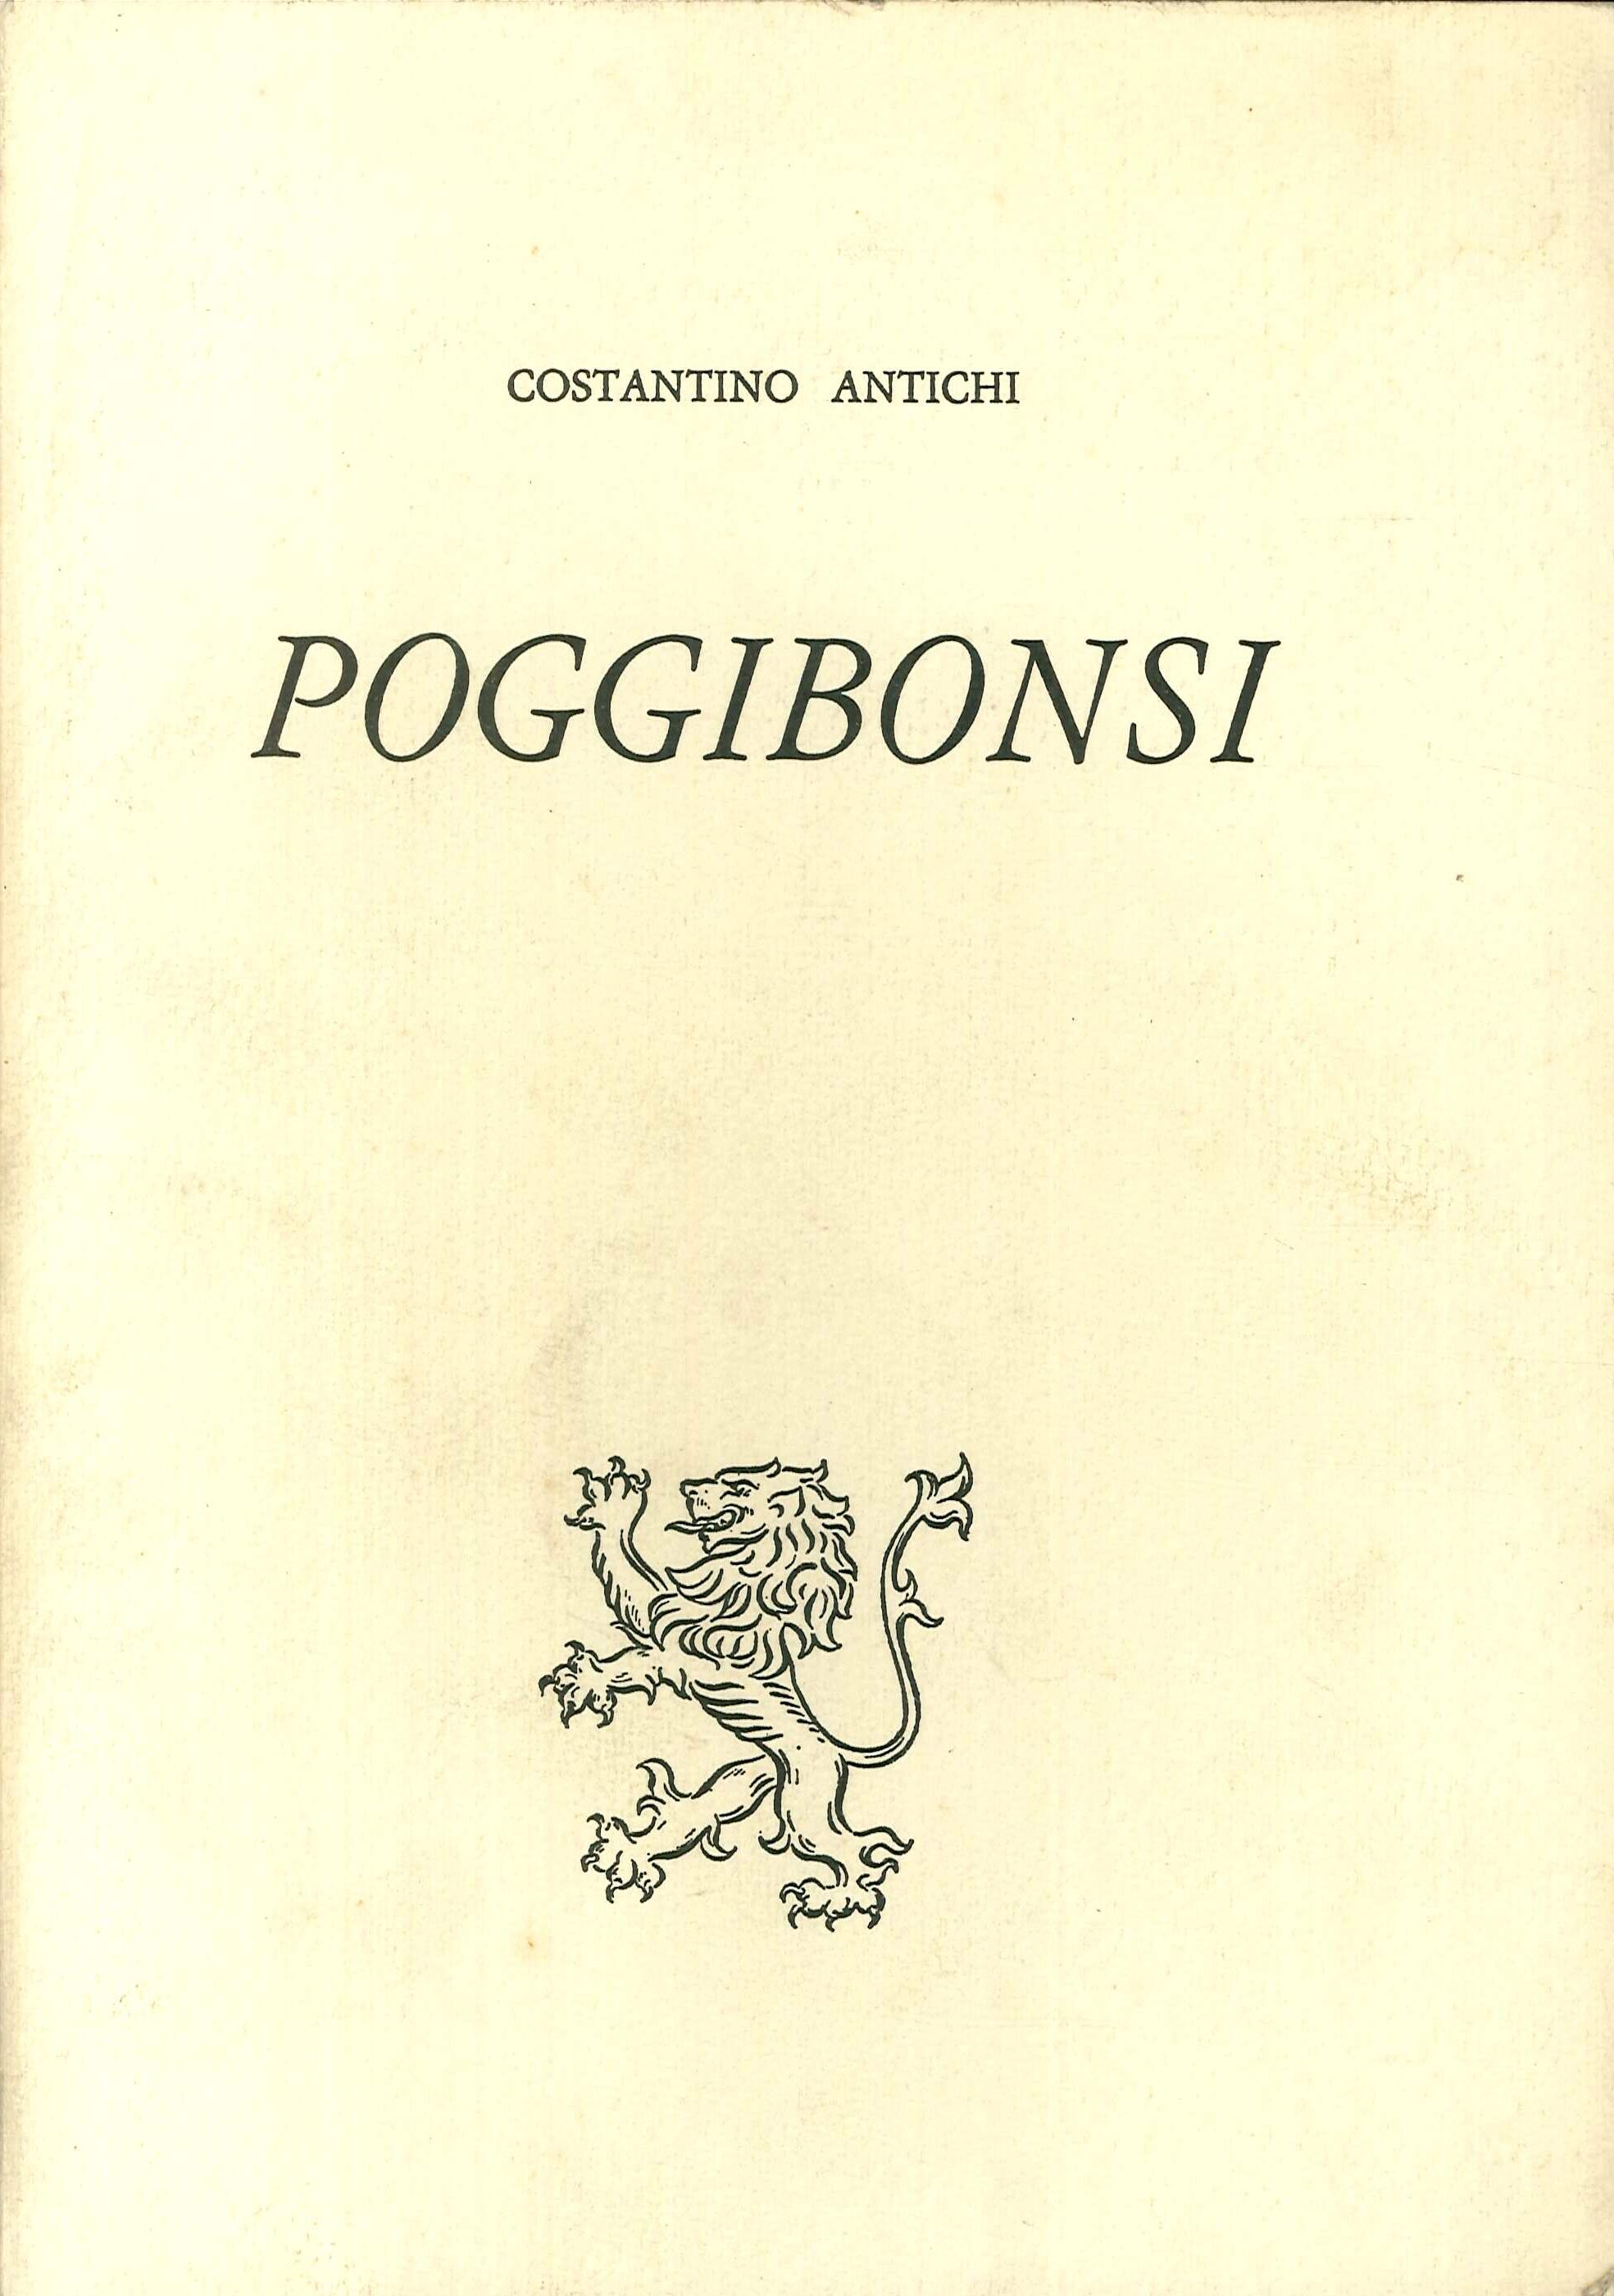 Poggibonsi. Pagine di Storia, Uomini Illustri, Monumenti ed Opere d'Arte, Leggende, Notizie Diverse, Bibliografia